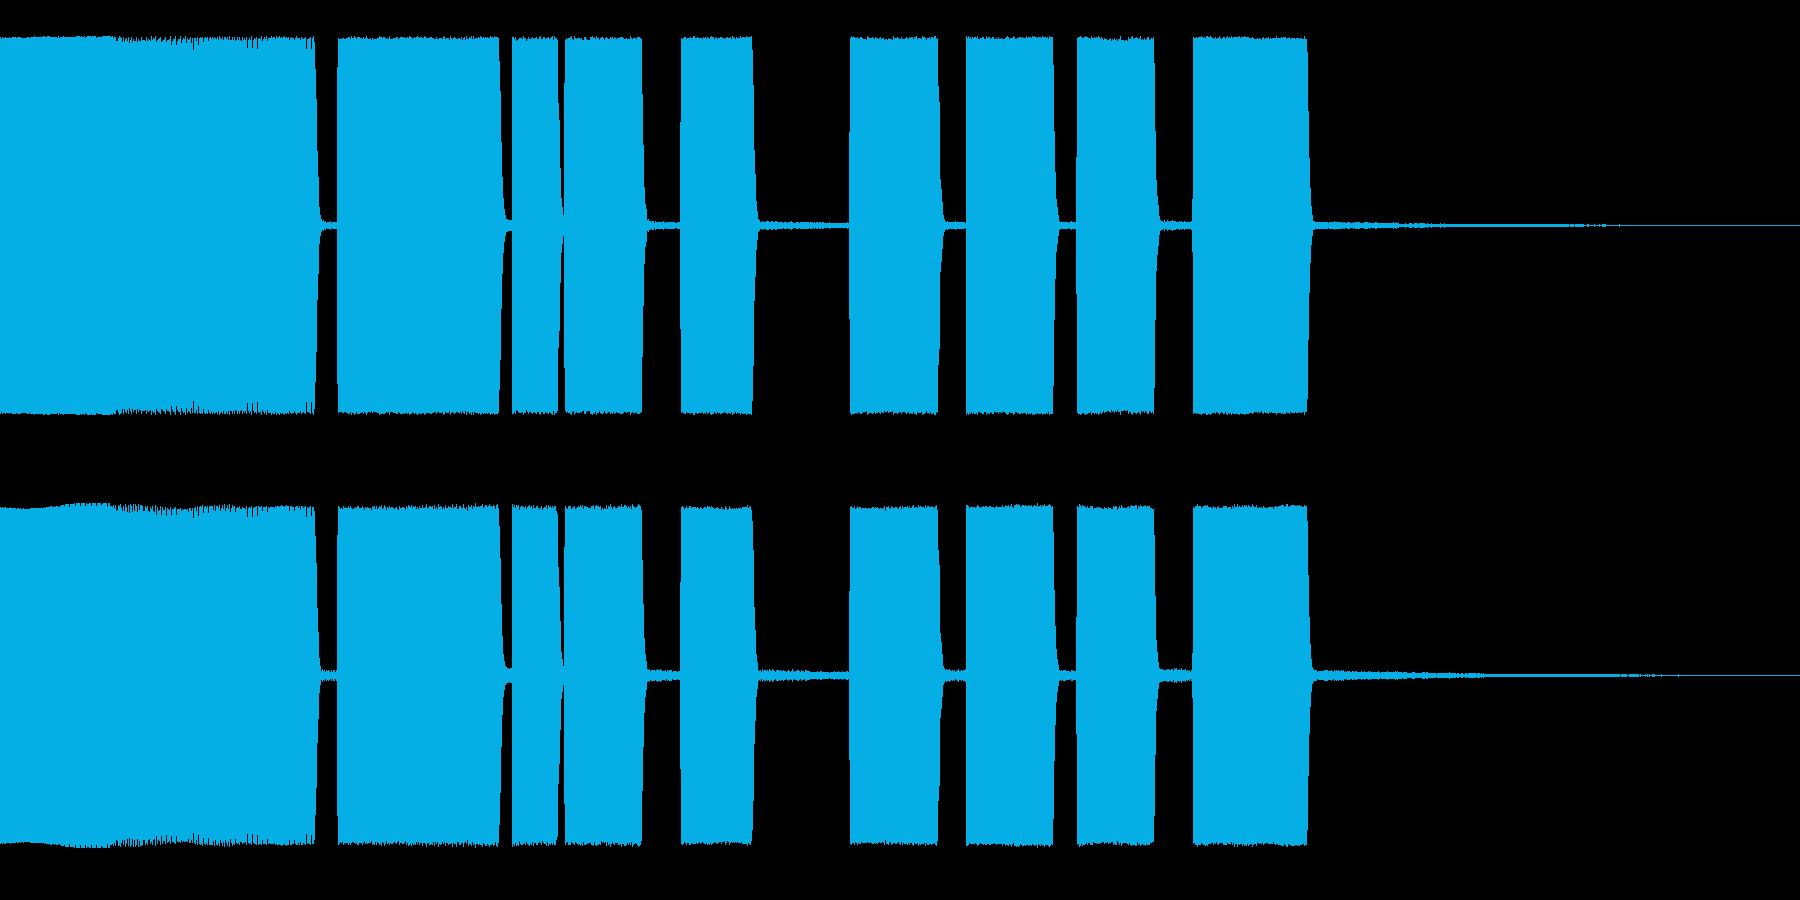 Beep1アラーム、着信音の再生済みの波形